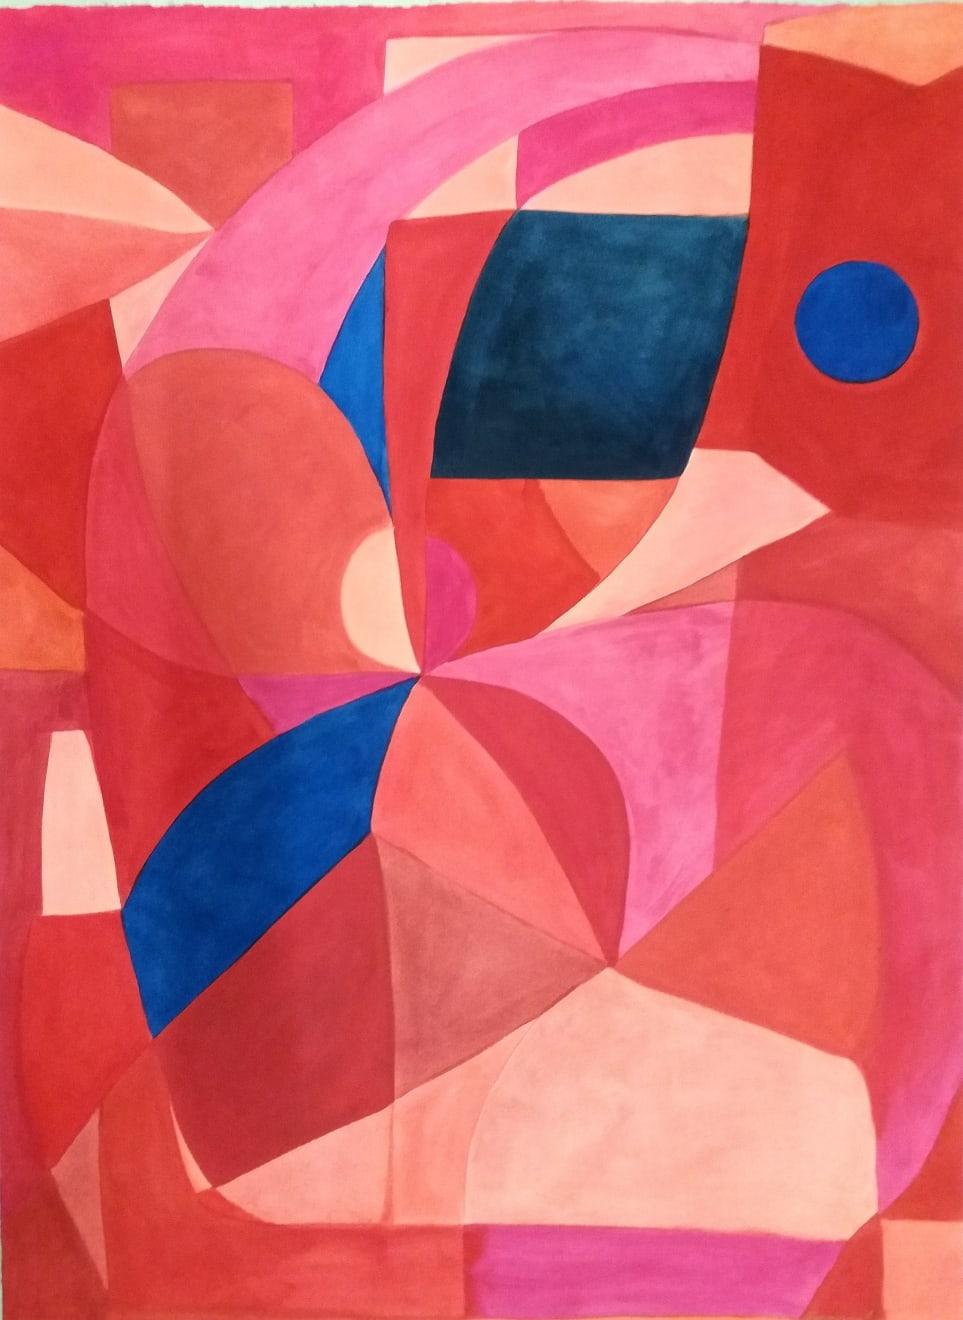 Lune Bleue Dans Une Fleur Rose Et Rouge Caséine and Arabic Gum on Paper Original 78 x 106 cm $4390 SOLD